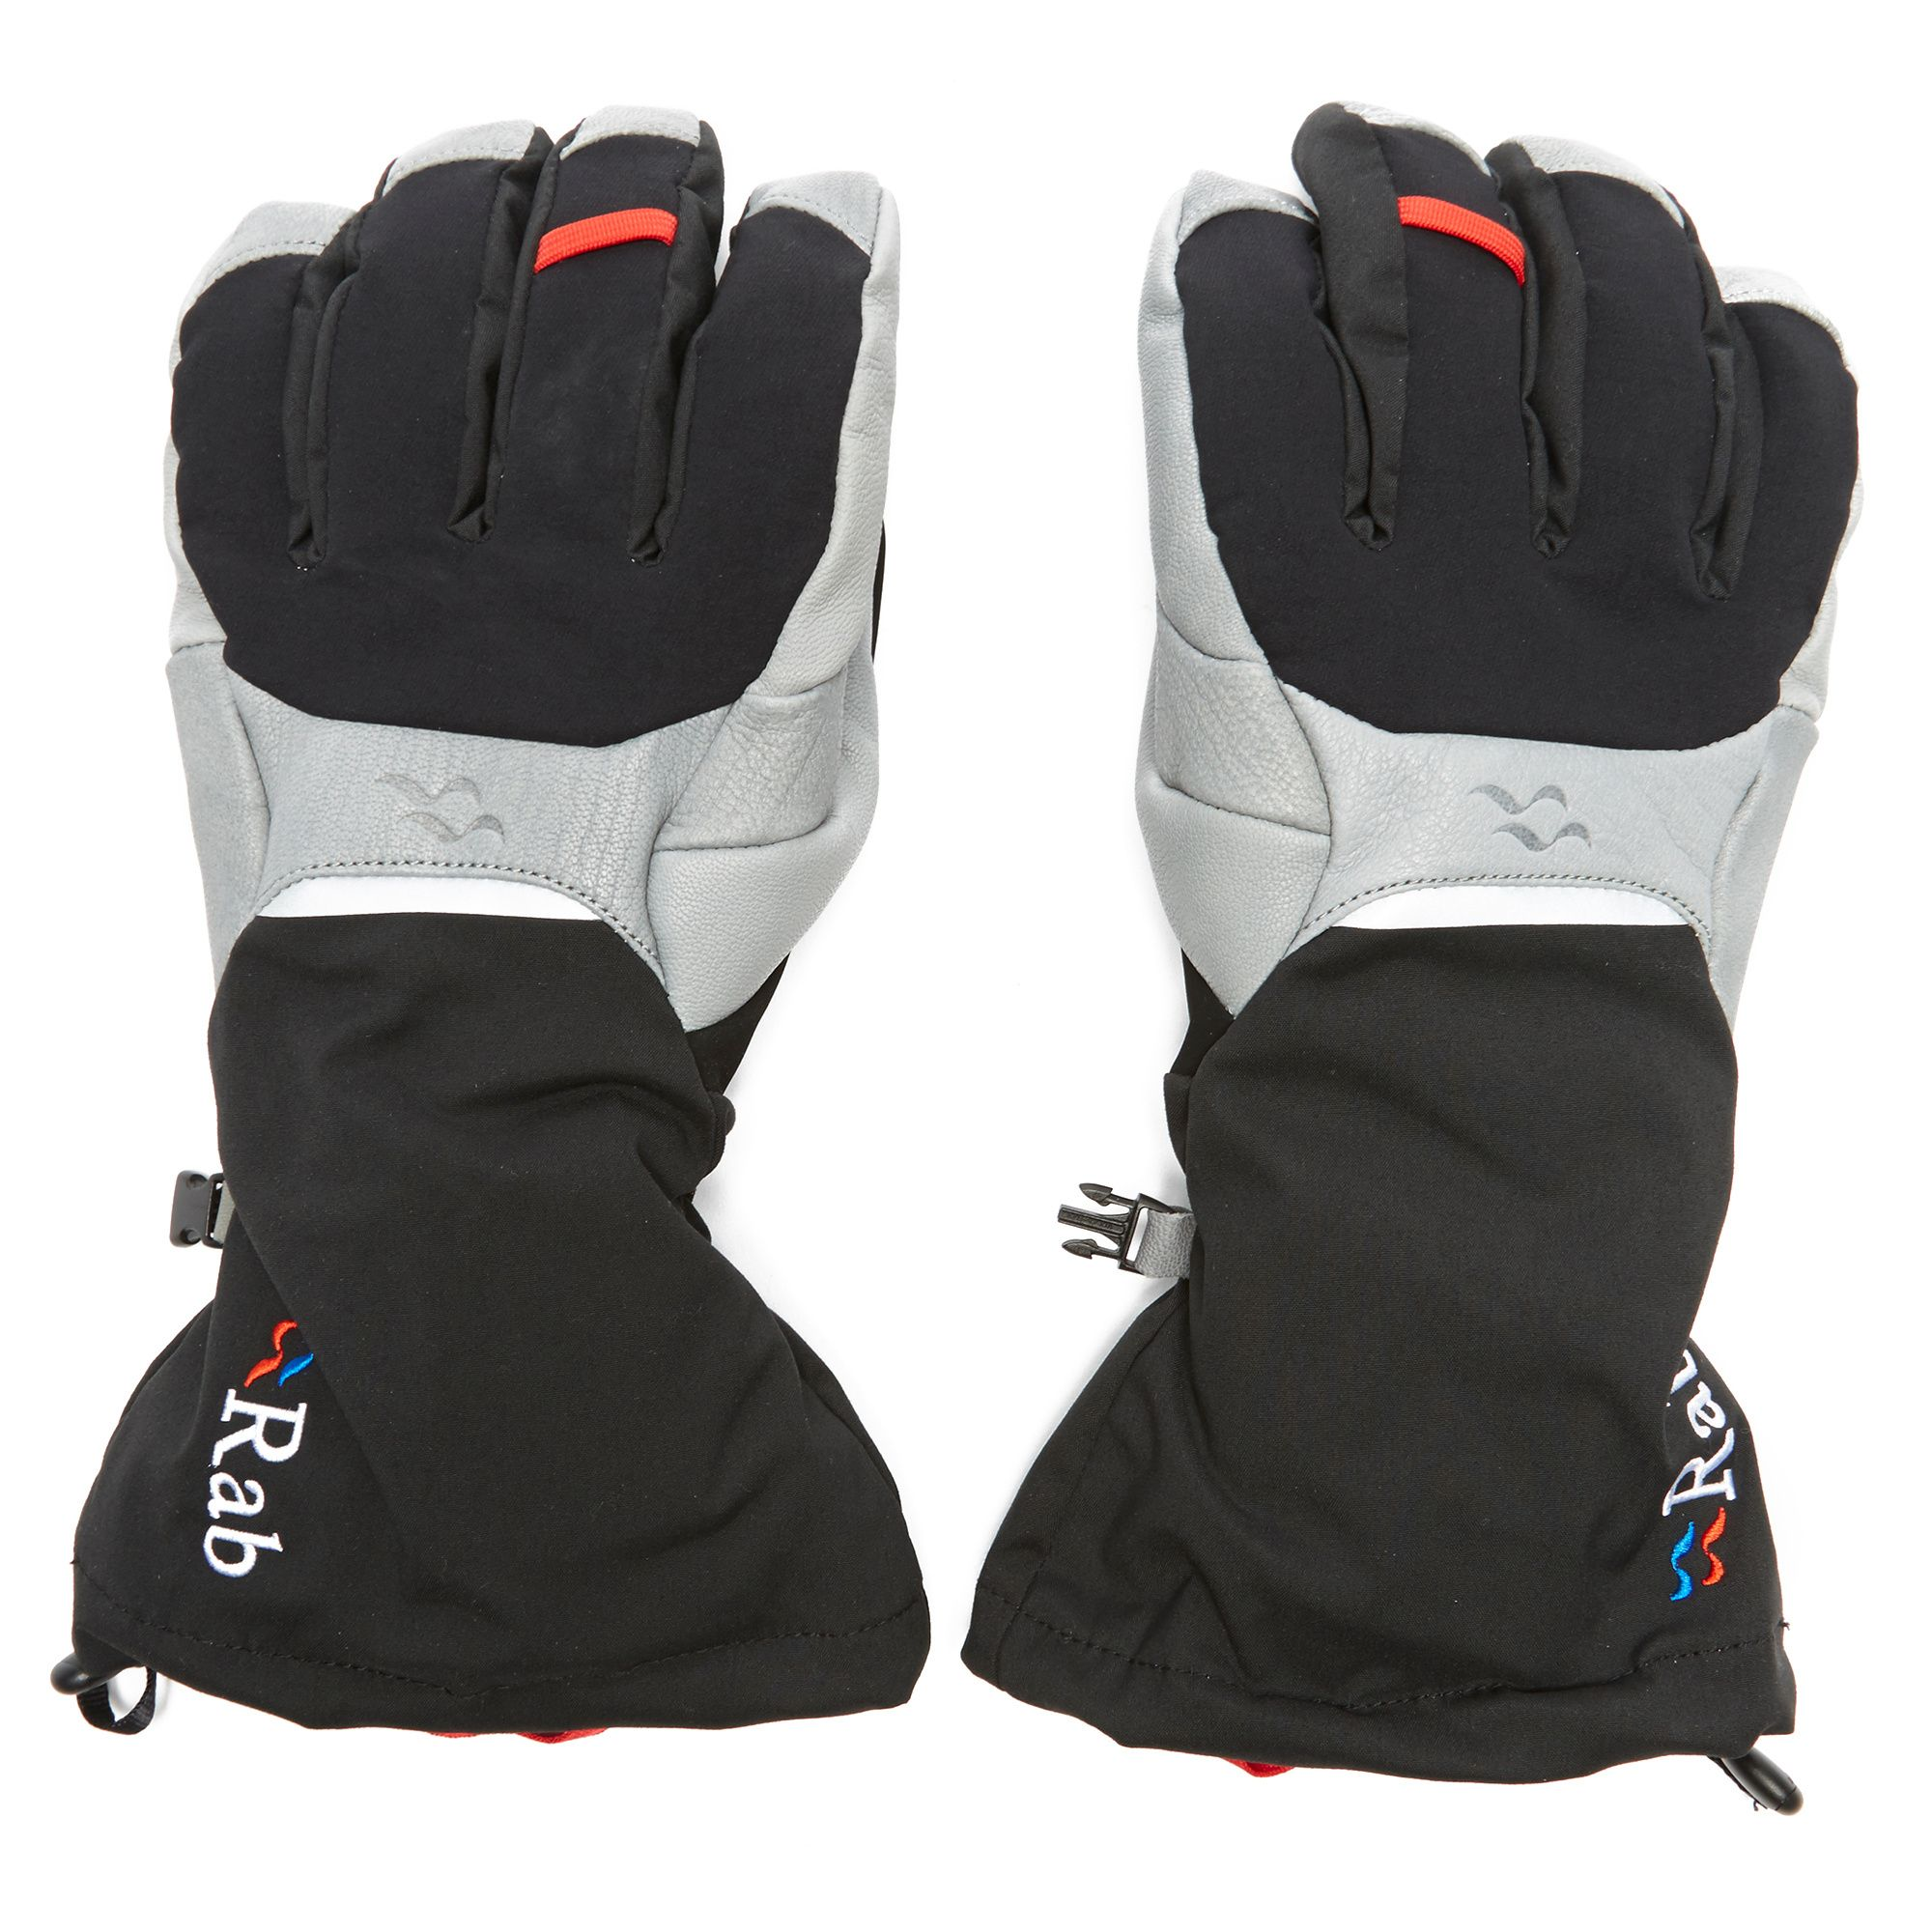 RAB Alliance 3 in 1 Glove